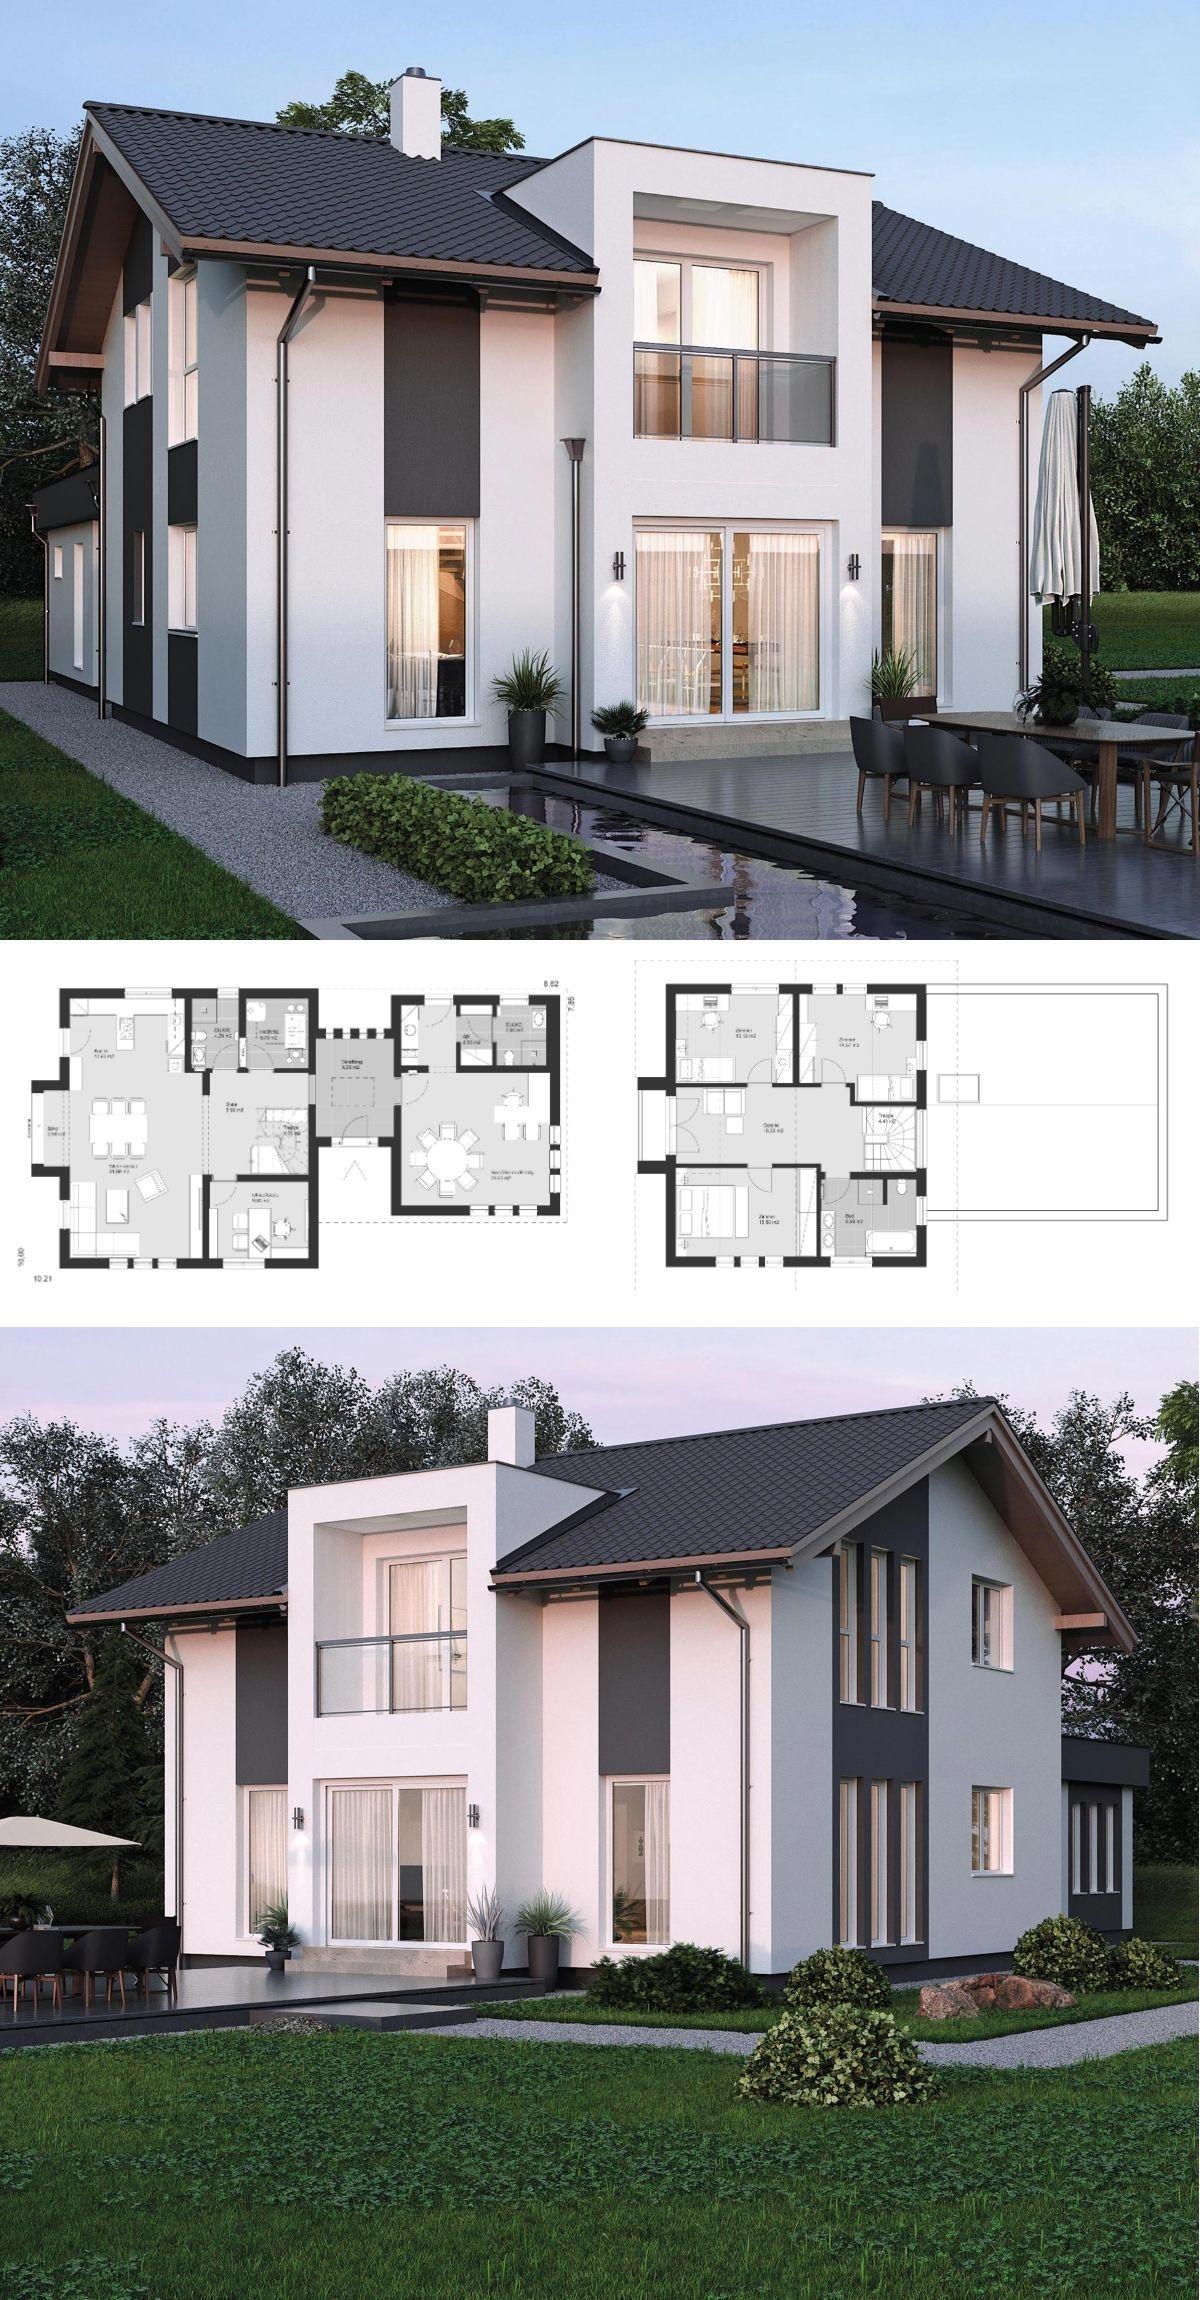 Modernes haus design mit b ro anbau satteldach for Einfamilienhaus bauen ideen